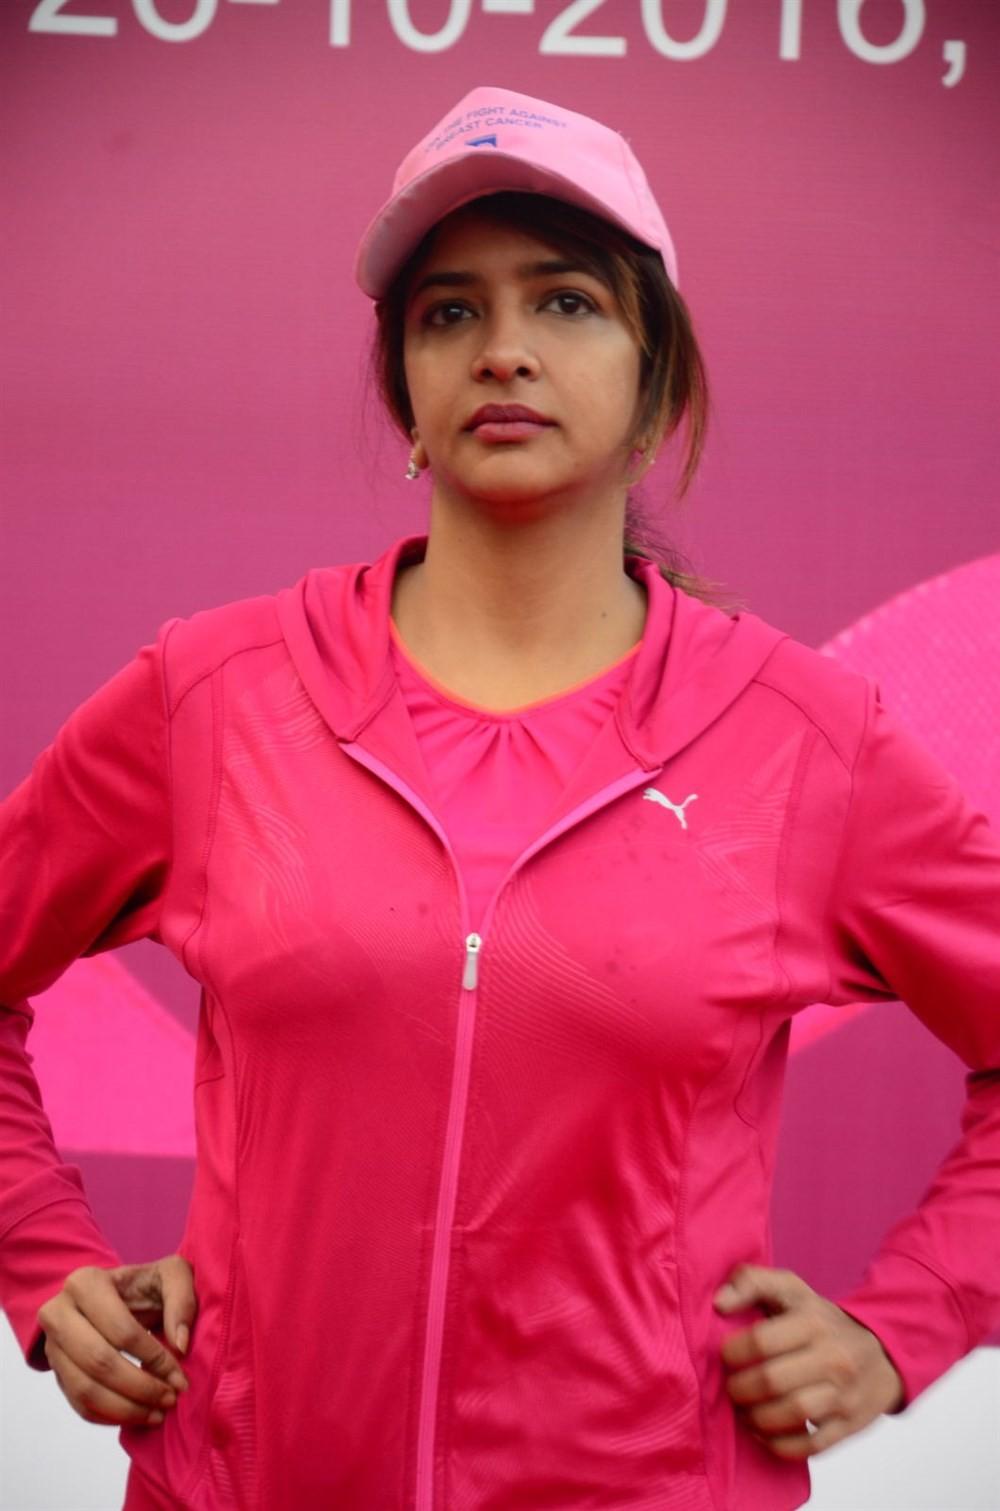 Balakrishna,Lakshmi Manchu,Nandamuri Balakrishna,Breast Cancer Awareness Walk,Breast Cancer,Breast Cancer Awareness,Balakrishna at Breast Cancer Awareness Walk,Lakshmi Manchu at Breast Cancer Awareness Walk